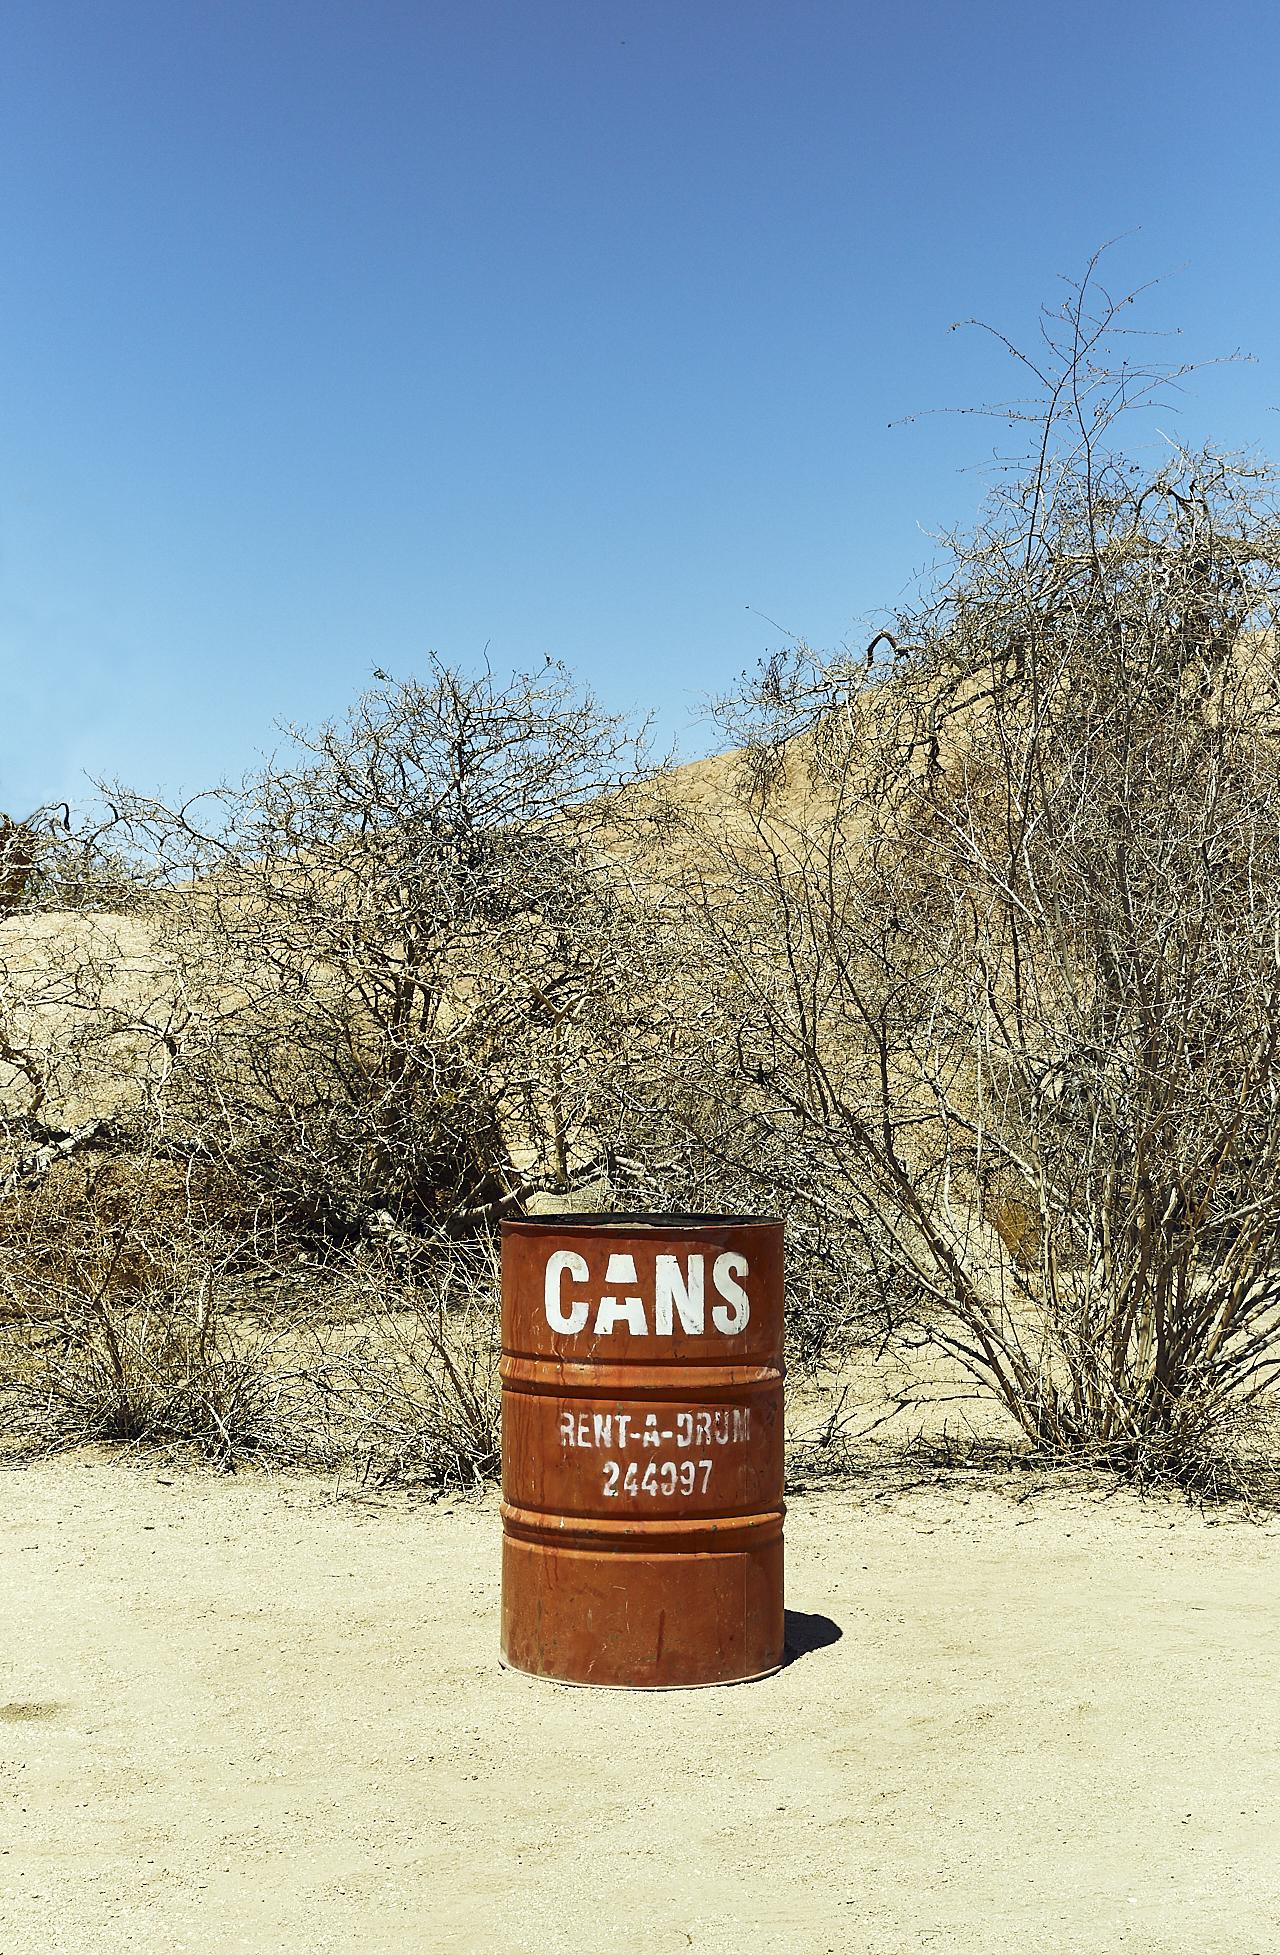 Cans rubbish bin